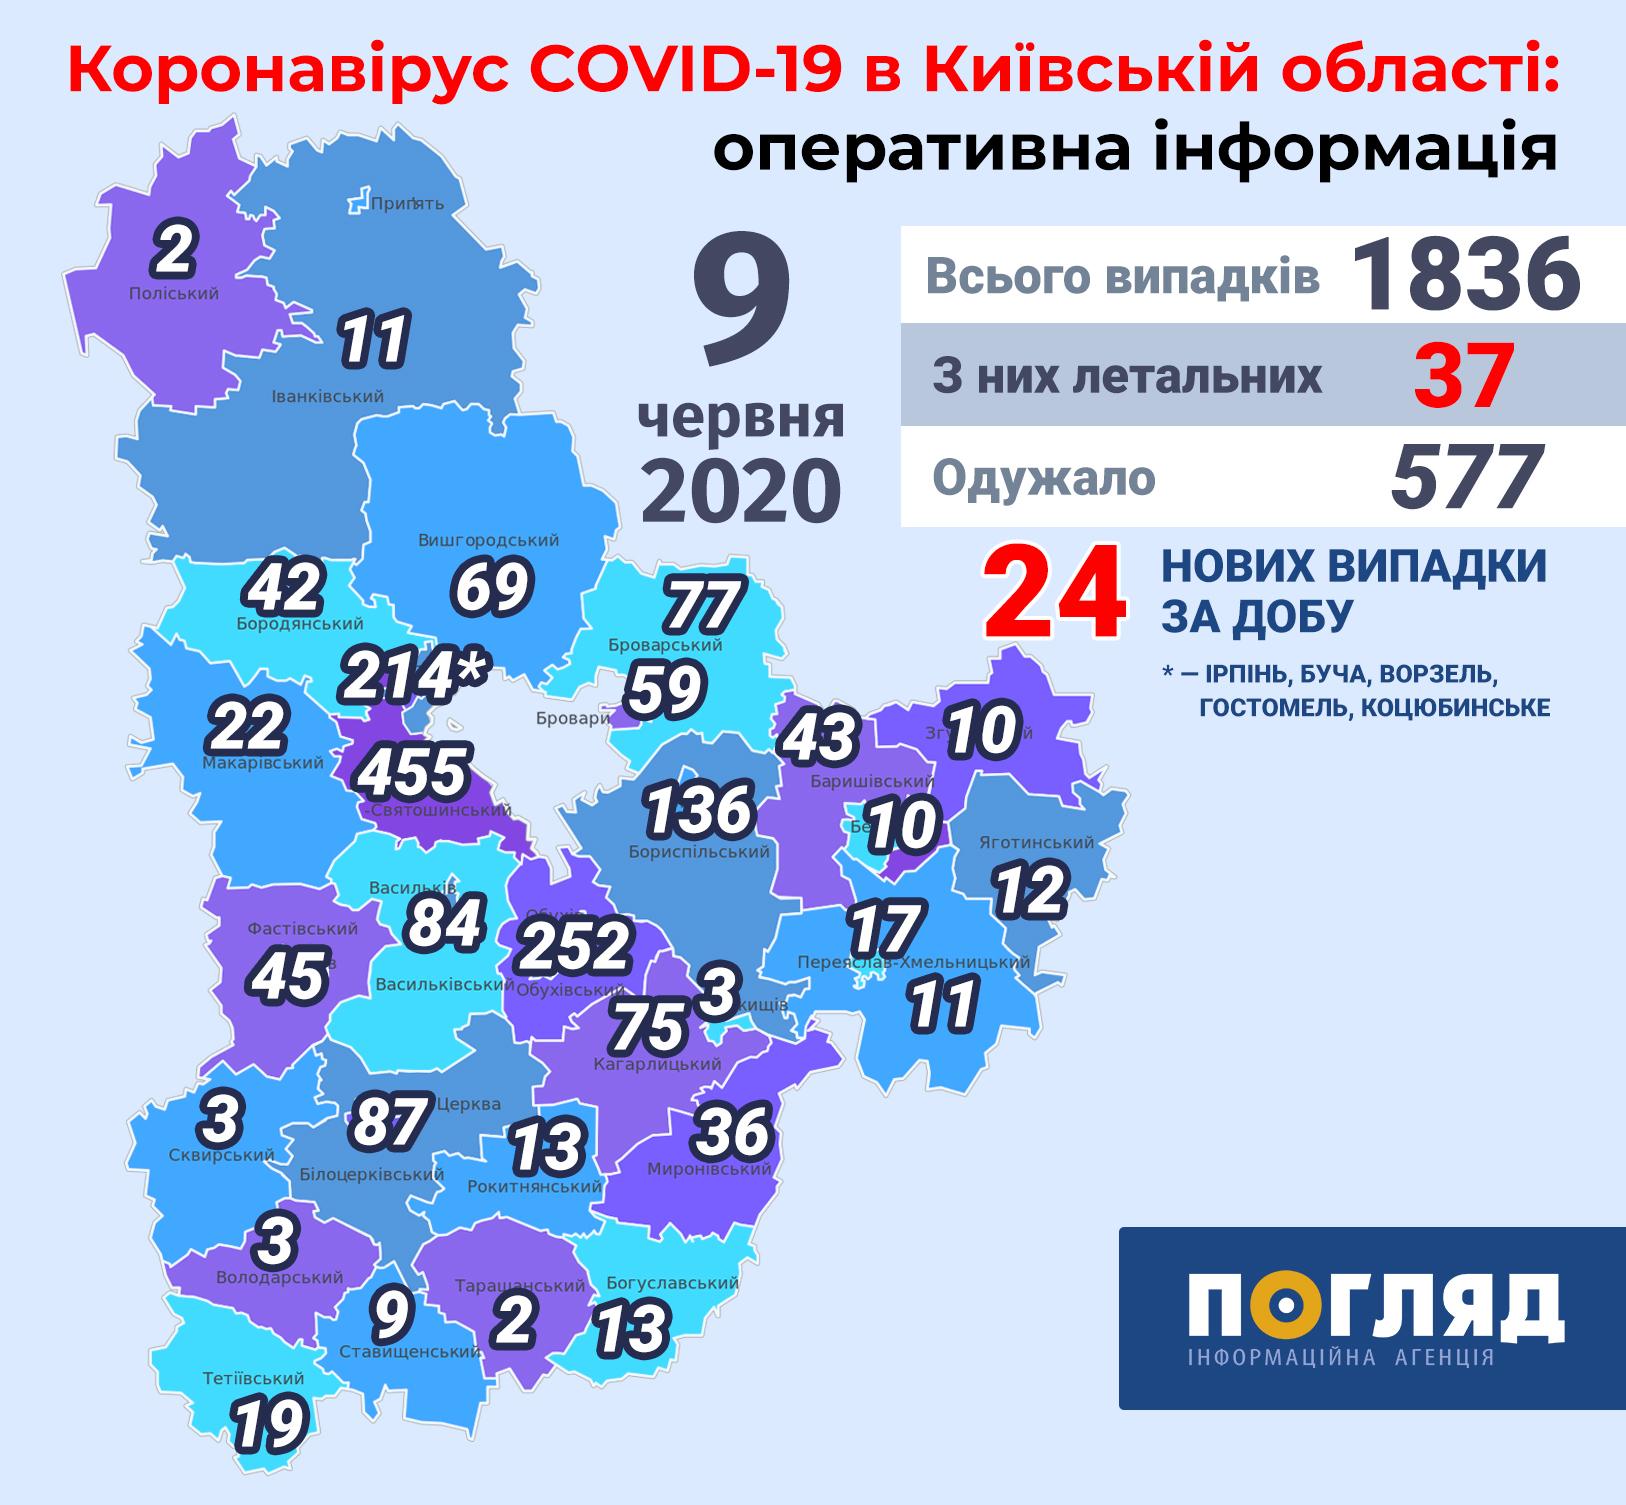 За весь період пандемії на Київщині померло 37 хворих, одужало - 577 -  - Kyiv regions covid19 new 3